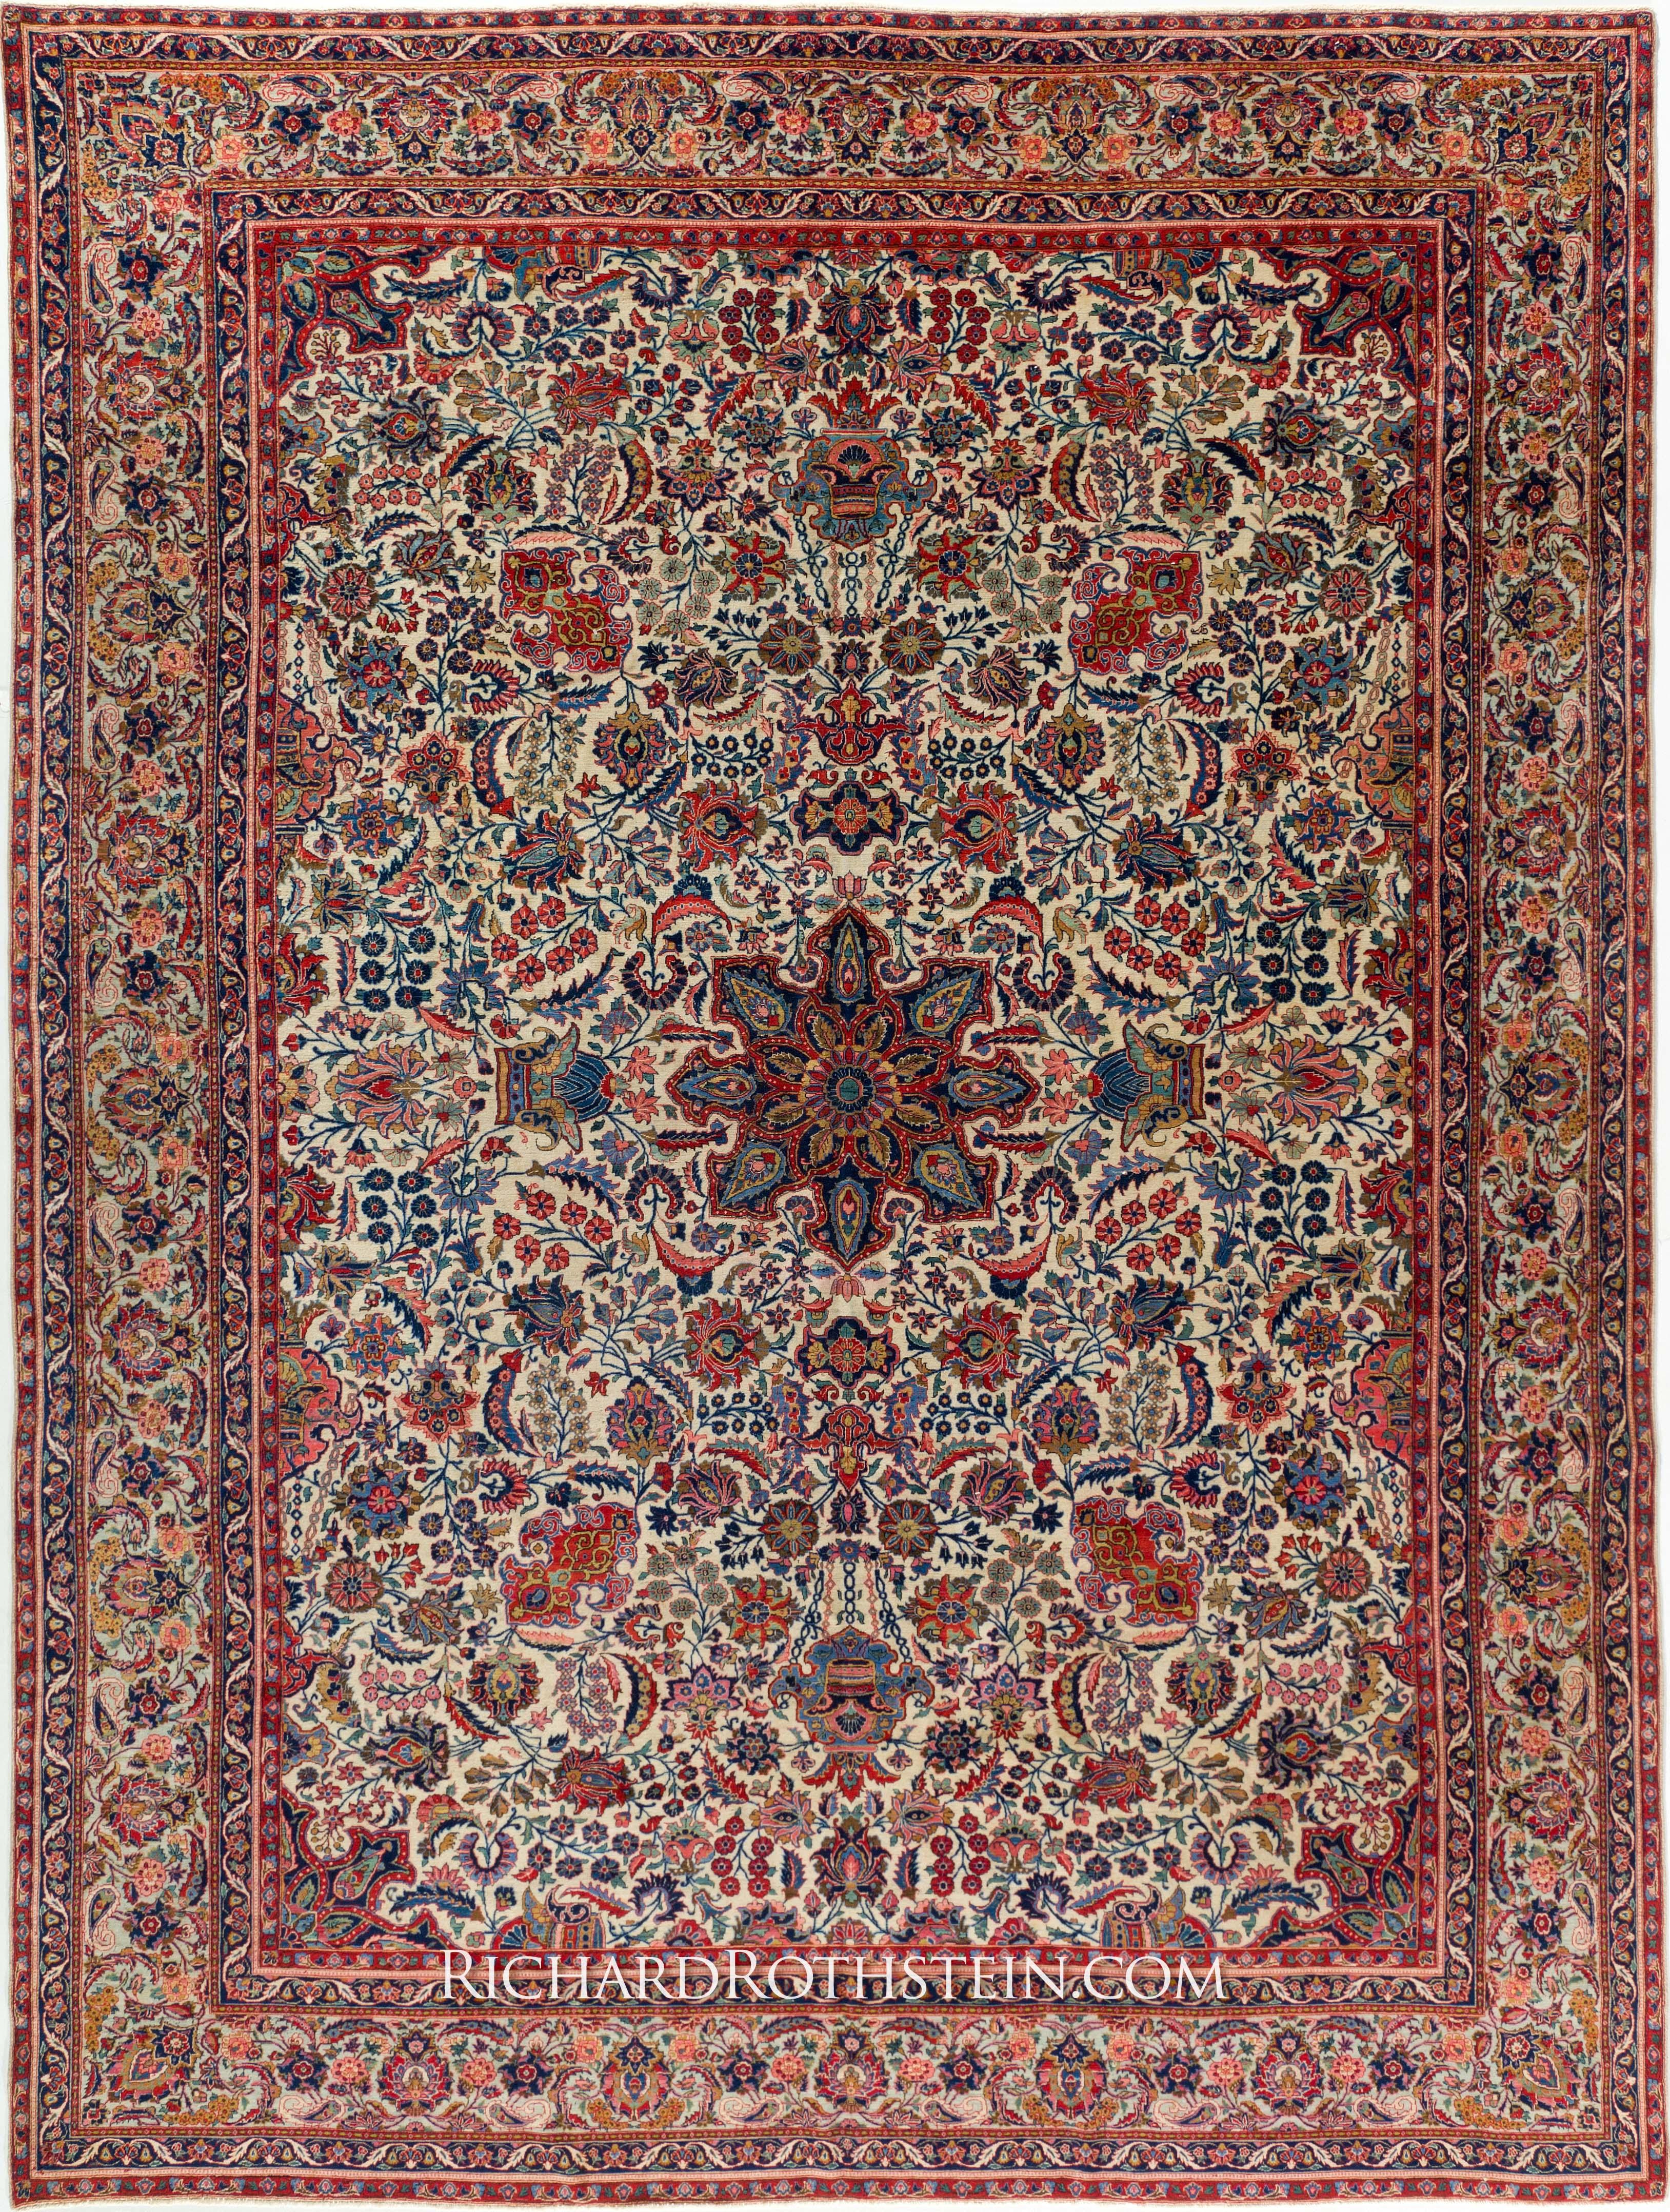 Antique Kashan Oriental Rug C81D6481 Images | Crazy Gallery